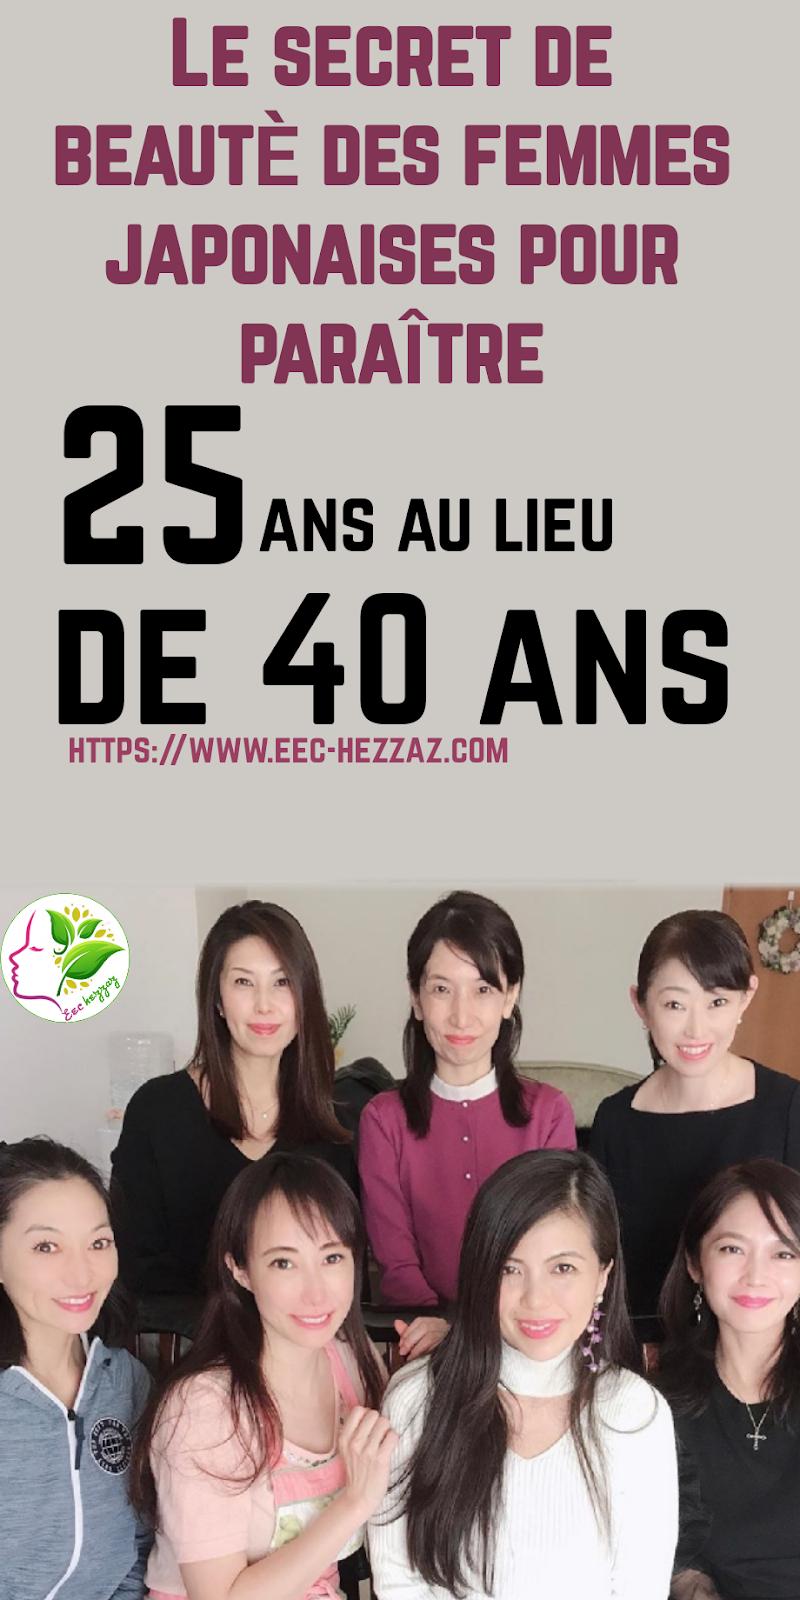 Le secret de beauté des femmes japonaises pour paraître 25 ans au lieu de 40 ans